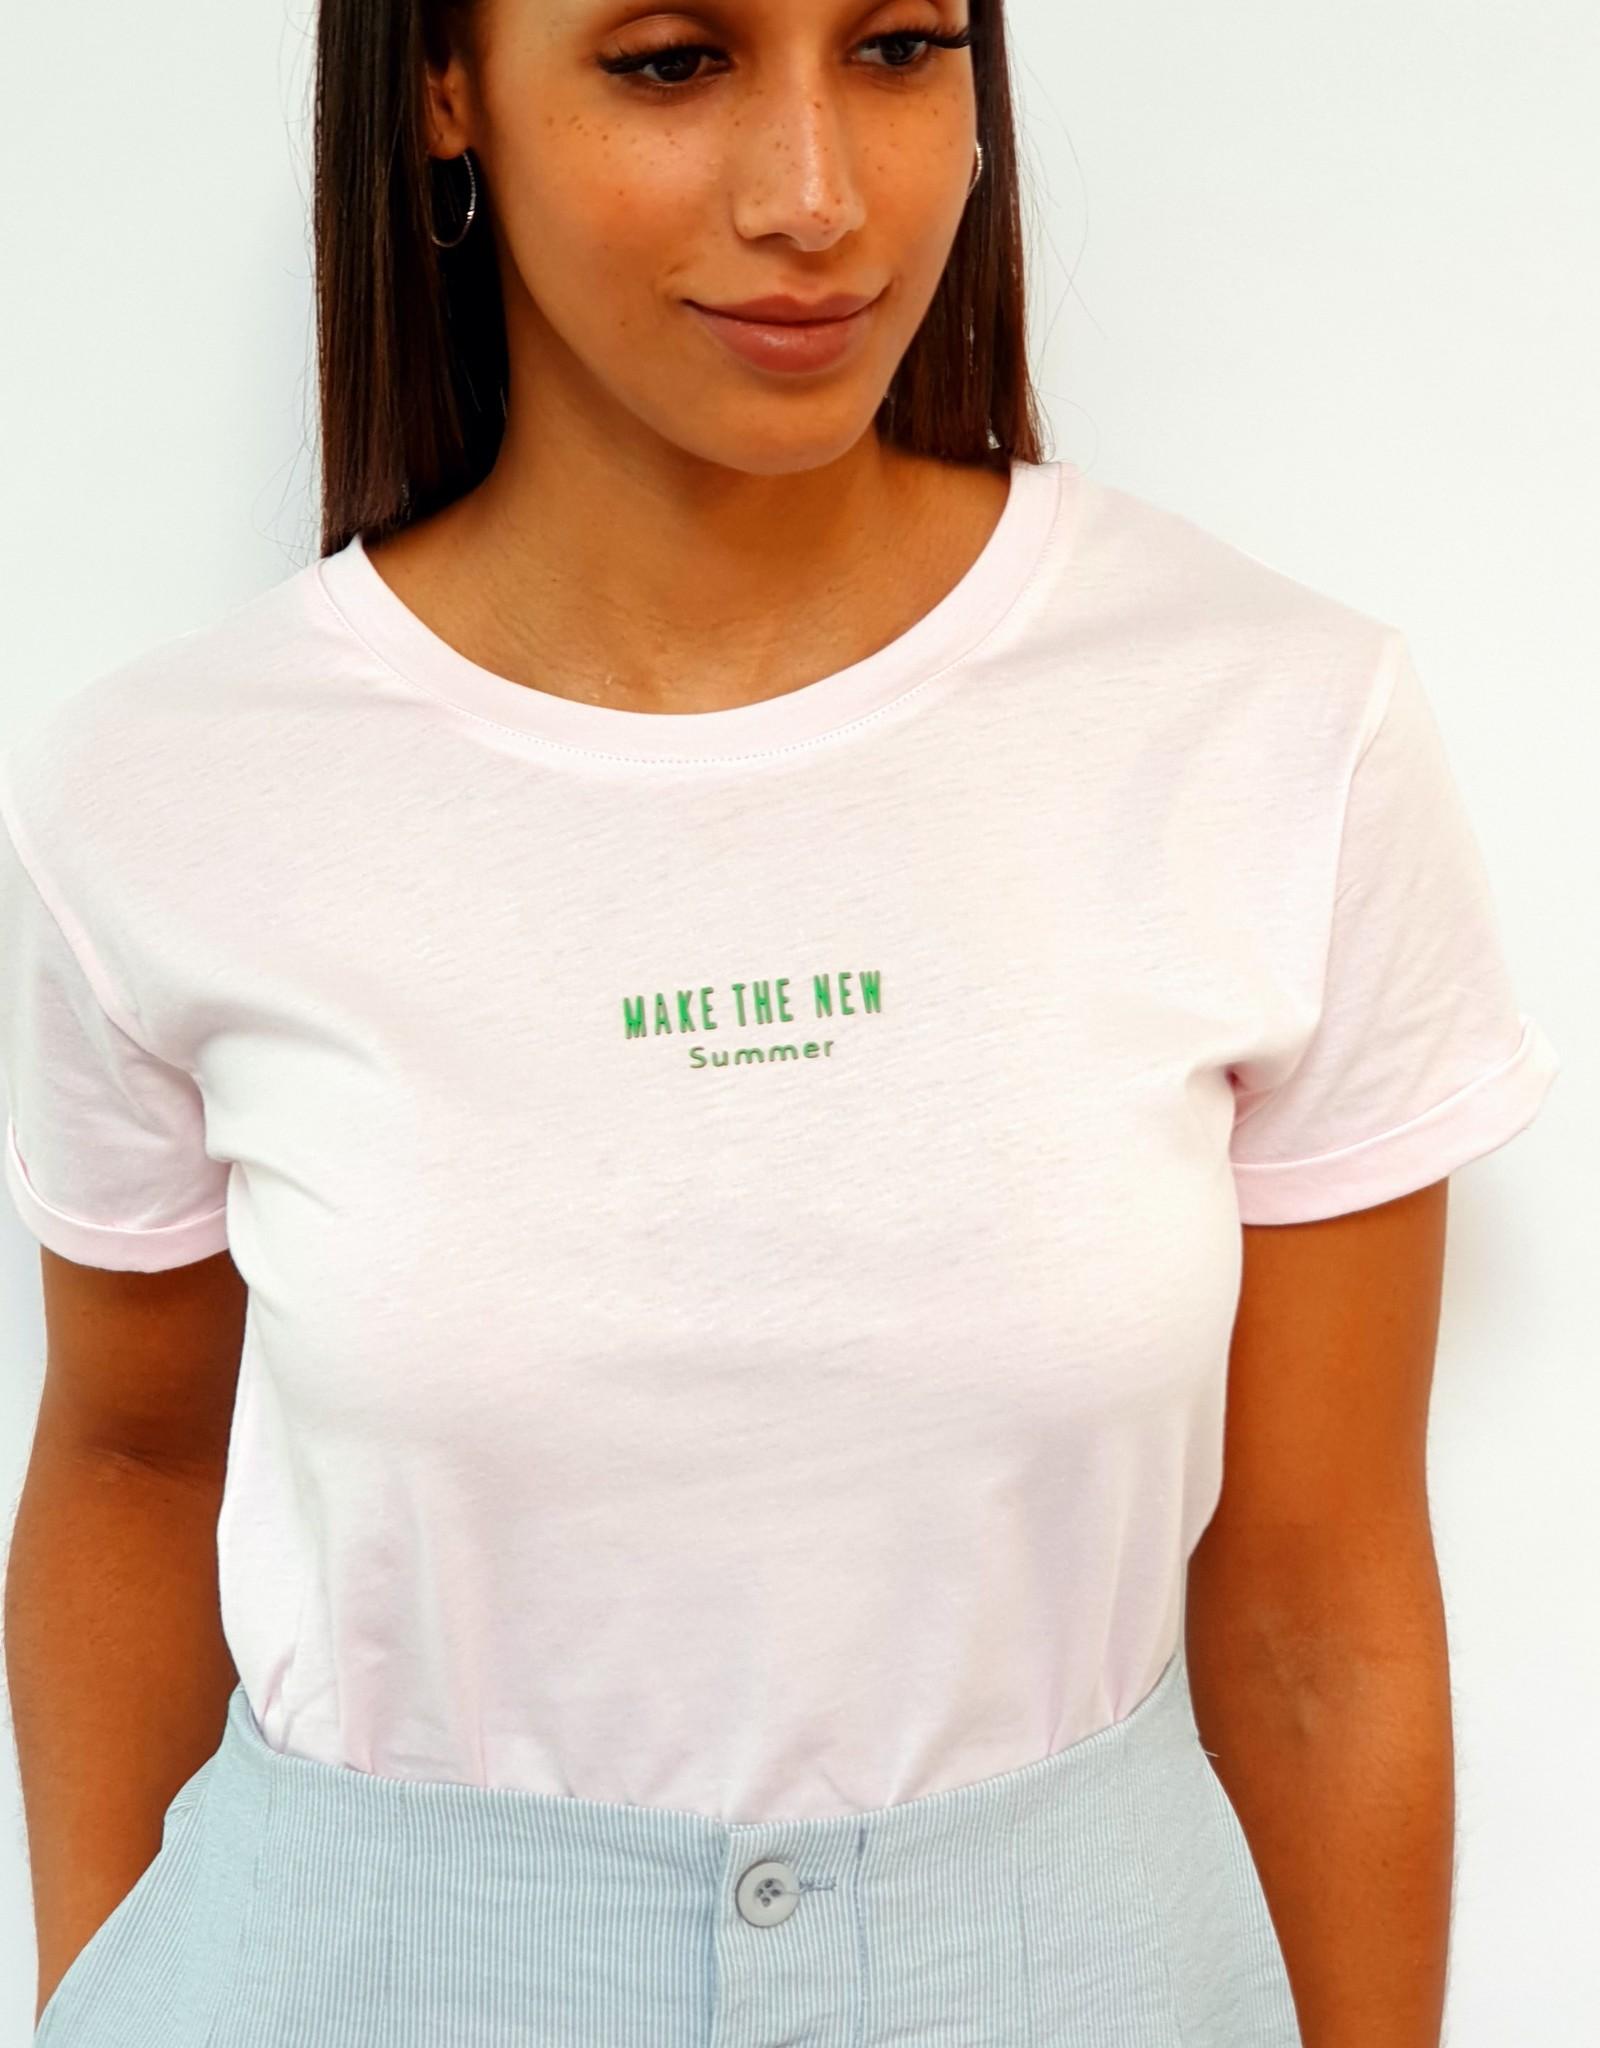 Shirt the new summer